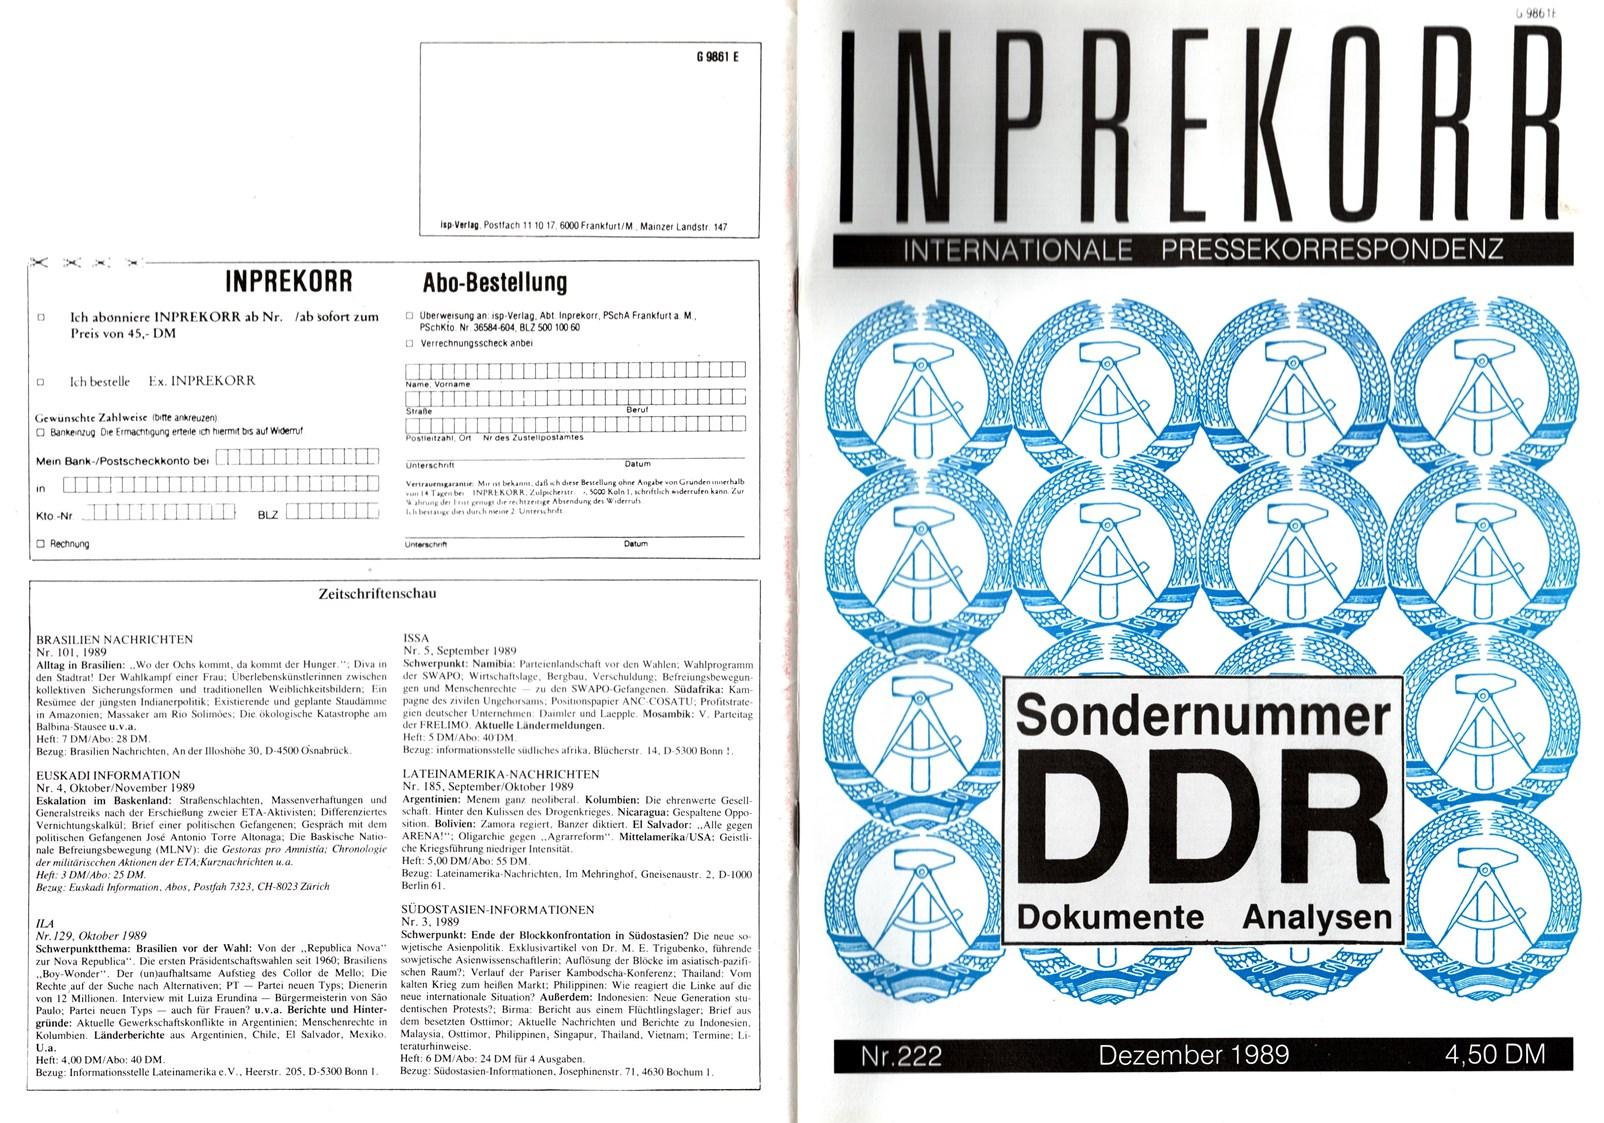 Inprekorr_19891200_222_001